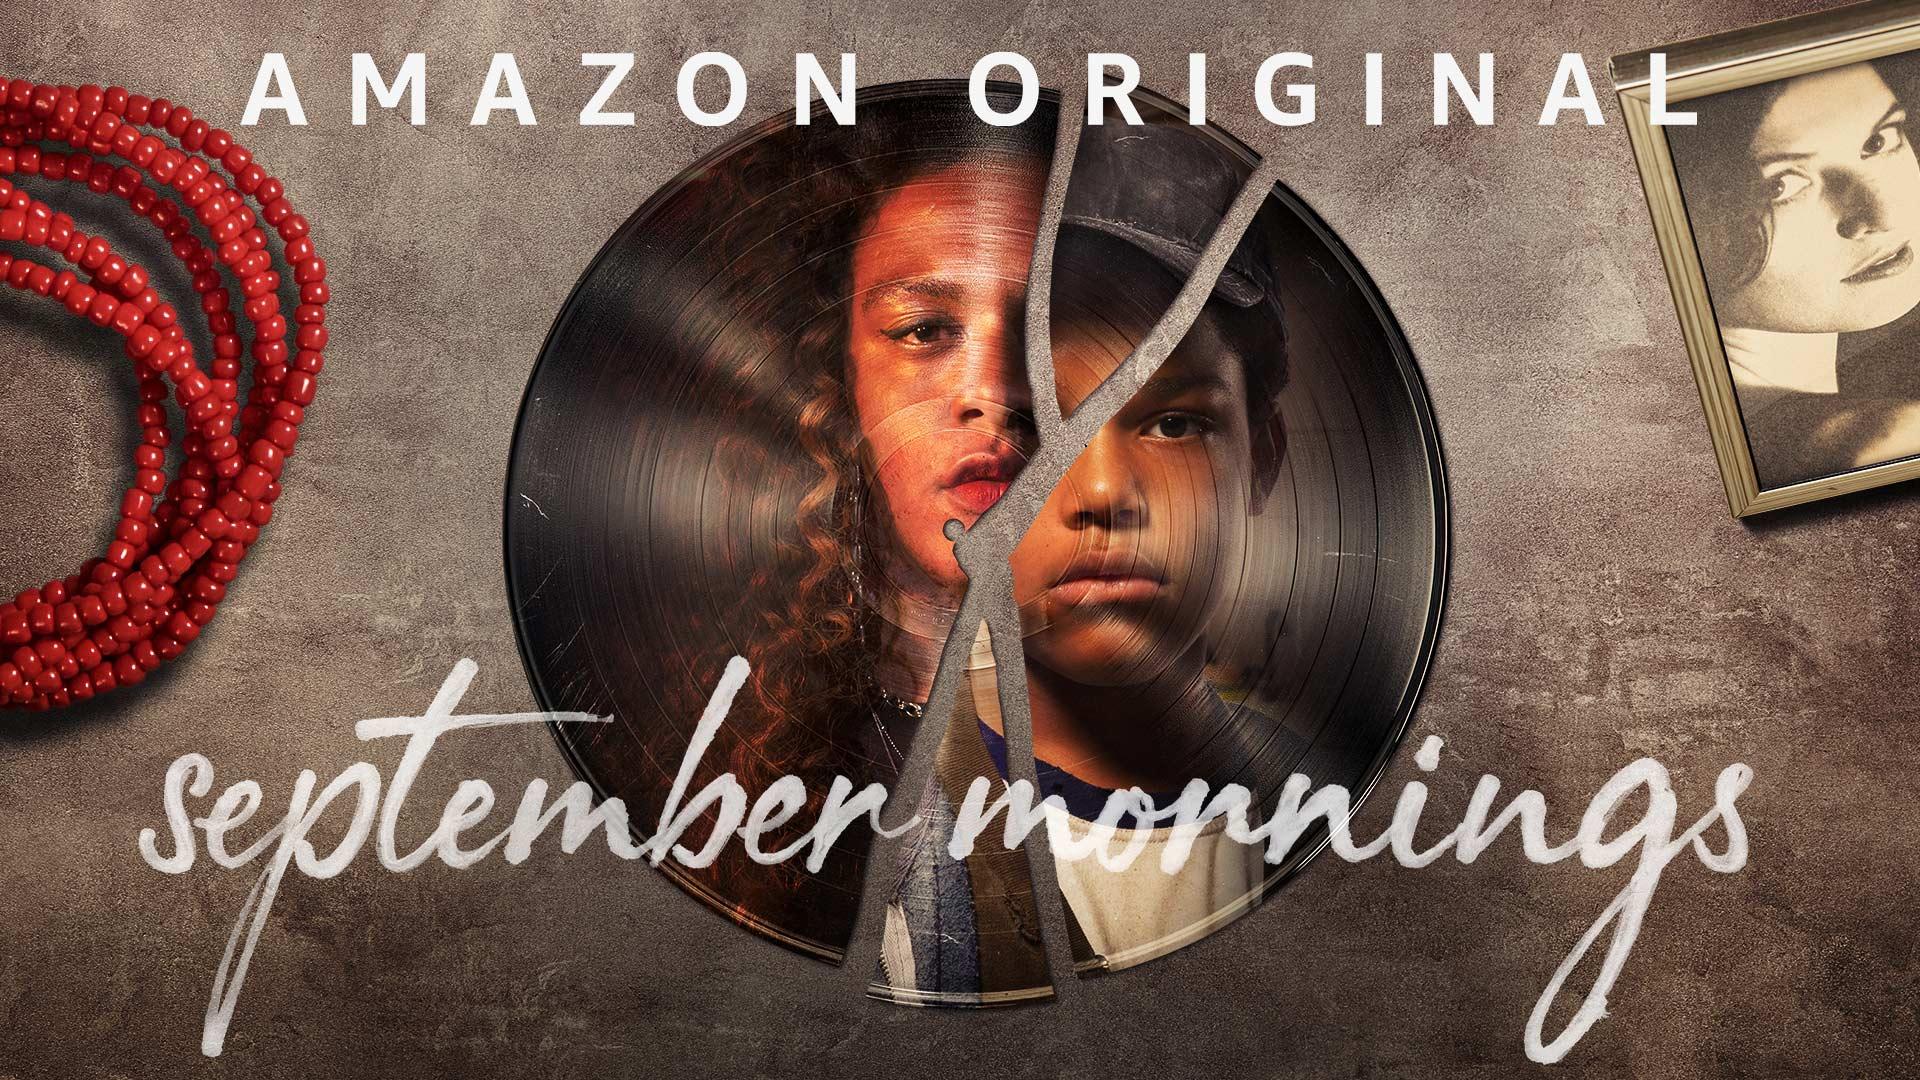 September Mornings - Seizoen 1